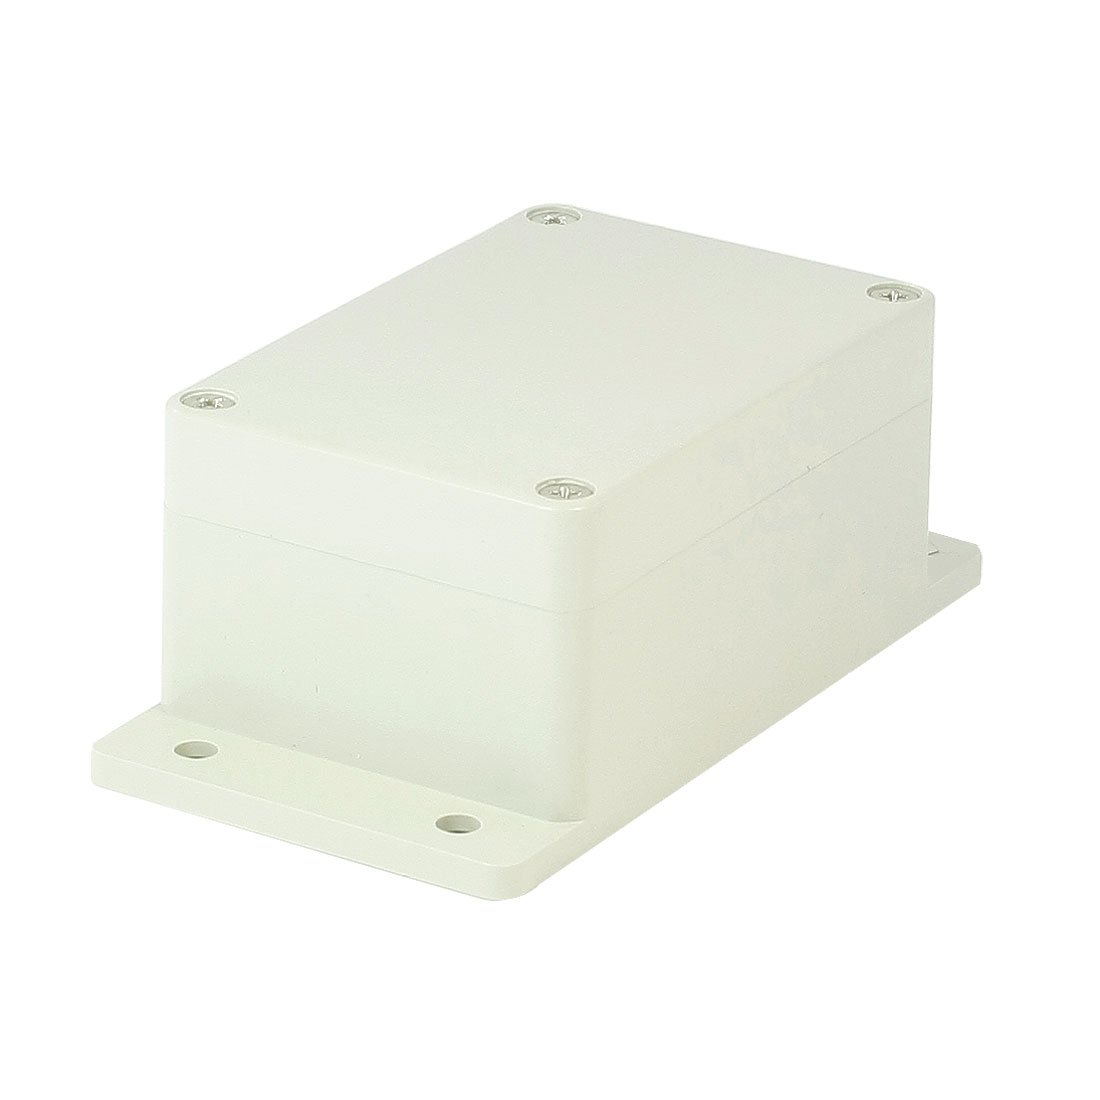 boitier etanche boitier en plastique diy boite de. Black Bedroom Furniture Sets. Home Design Ideas